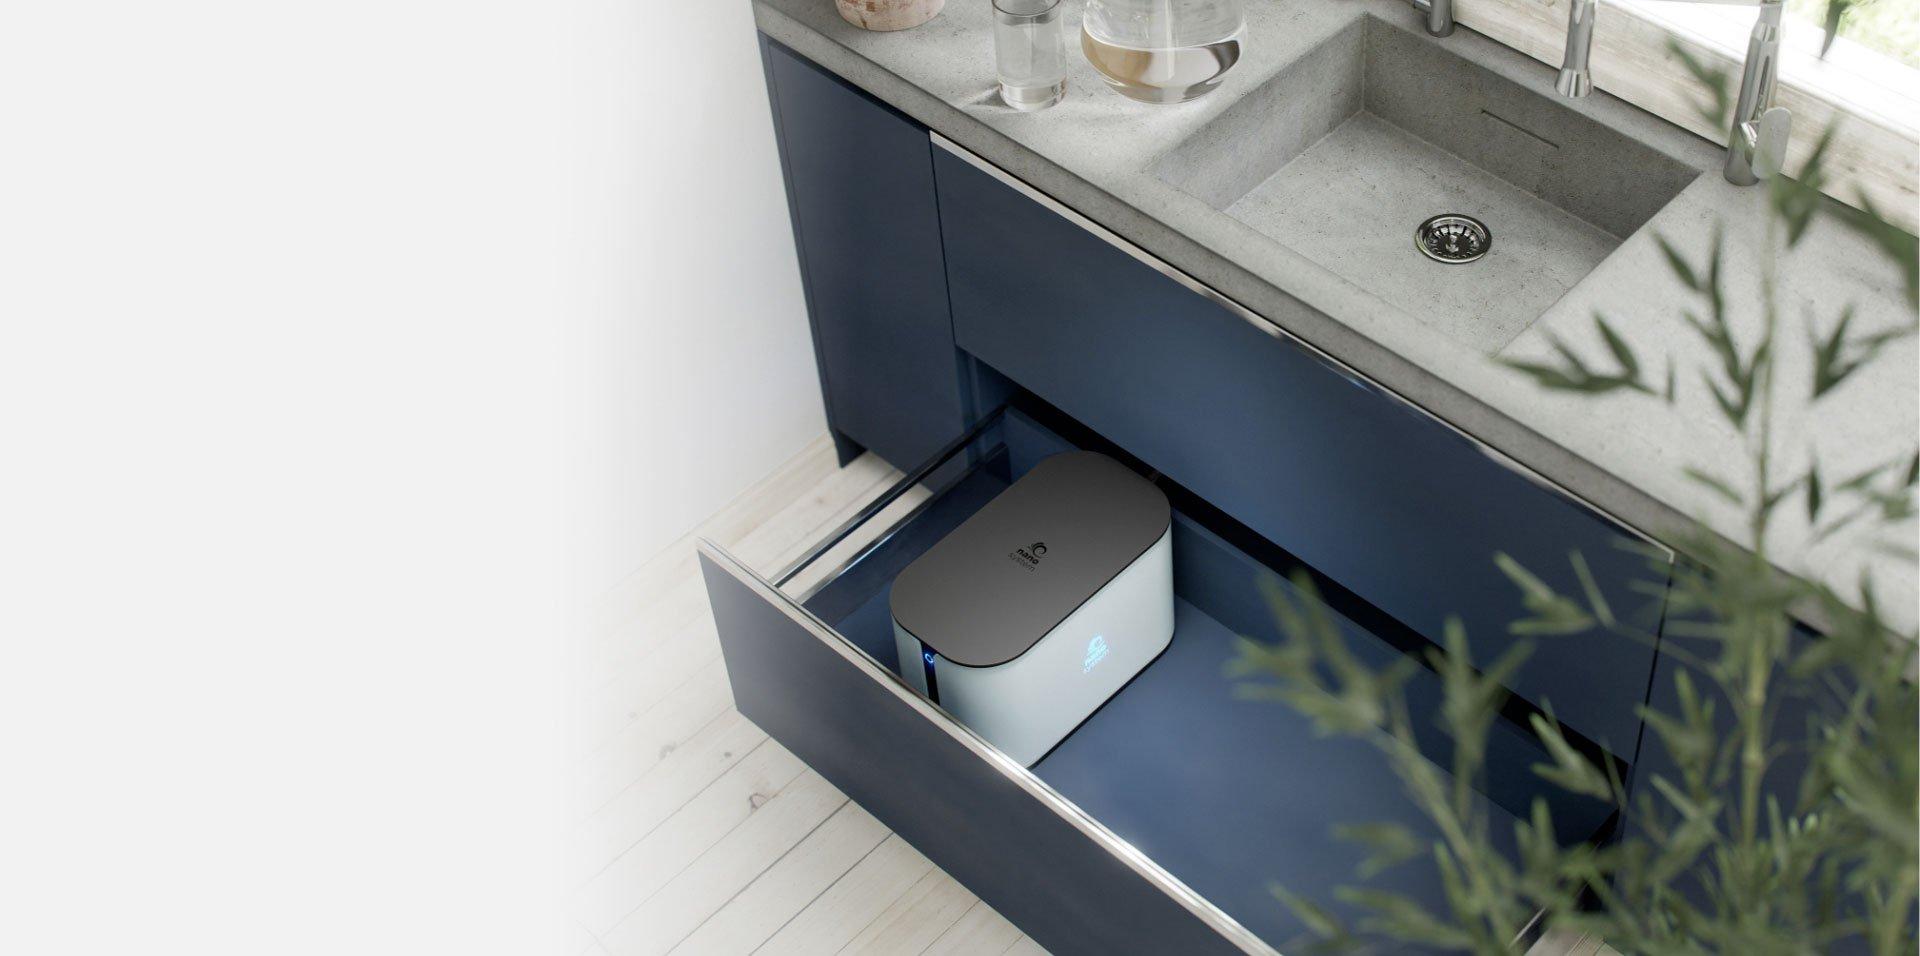 purificatori acqua domestici rivenditori nanosystem goccia vicenza